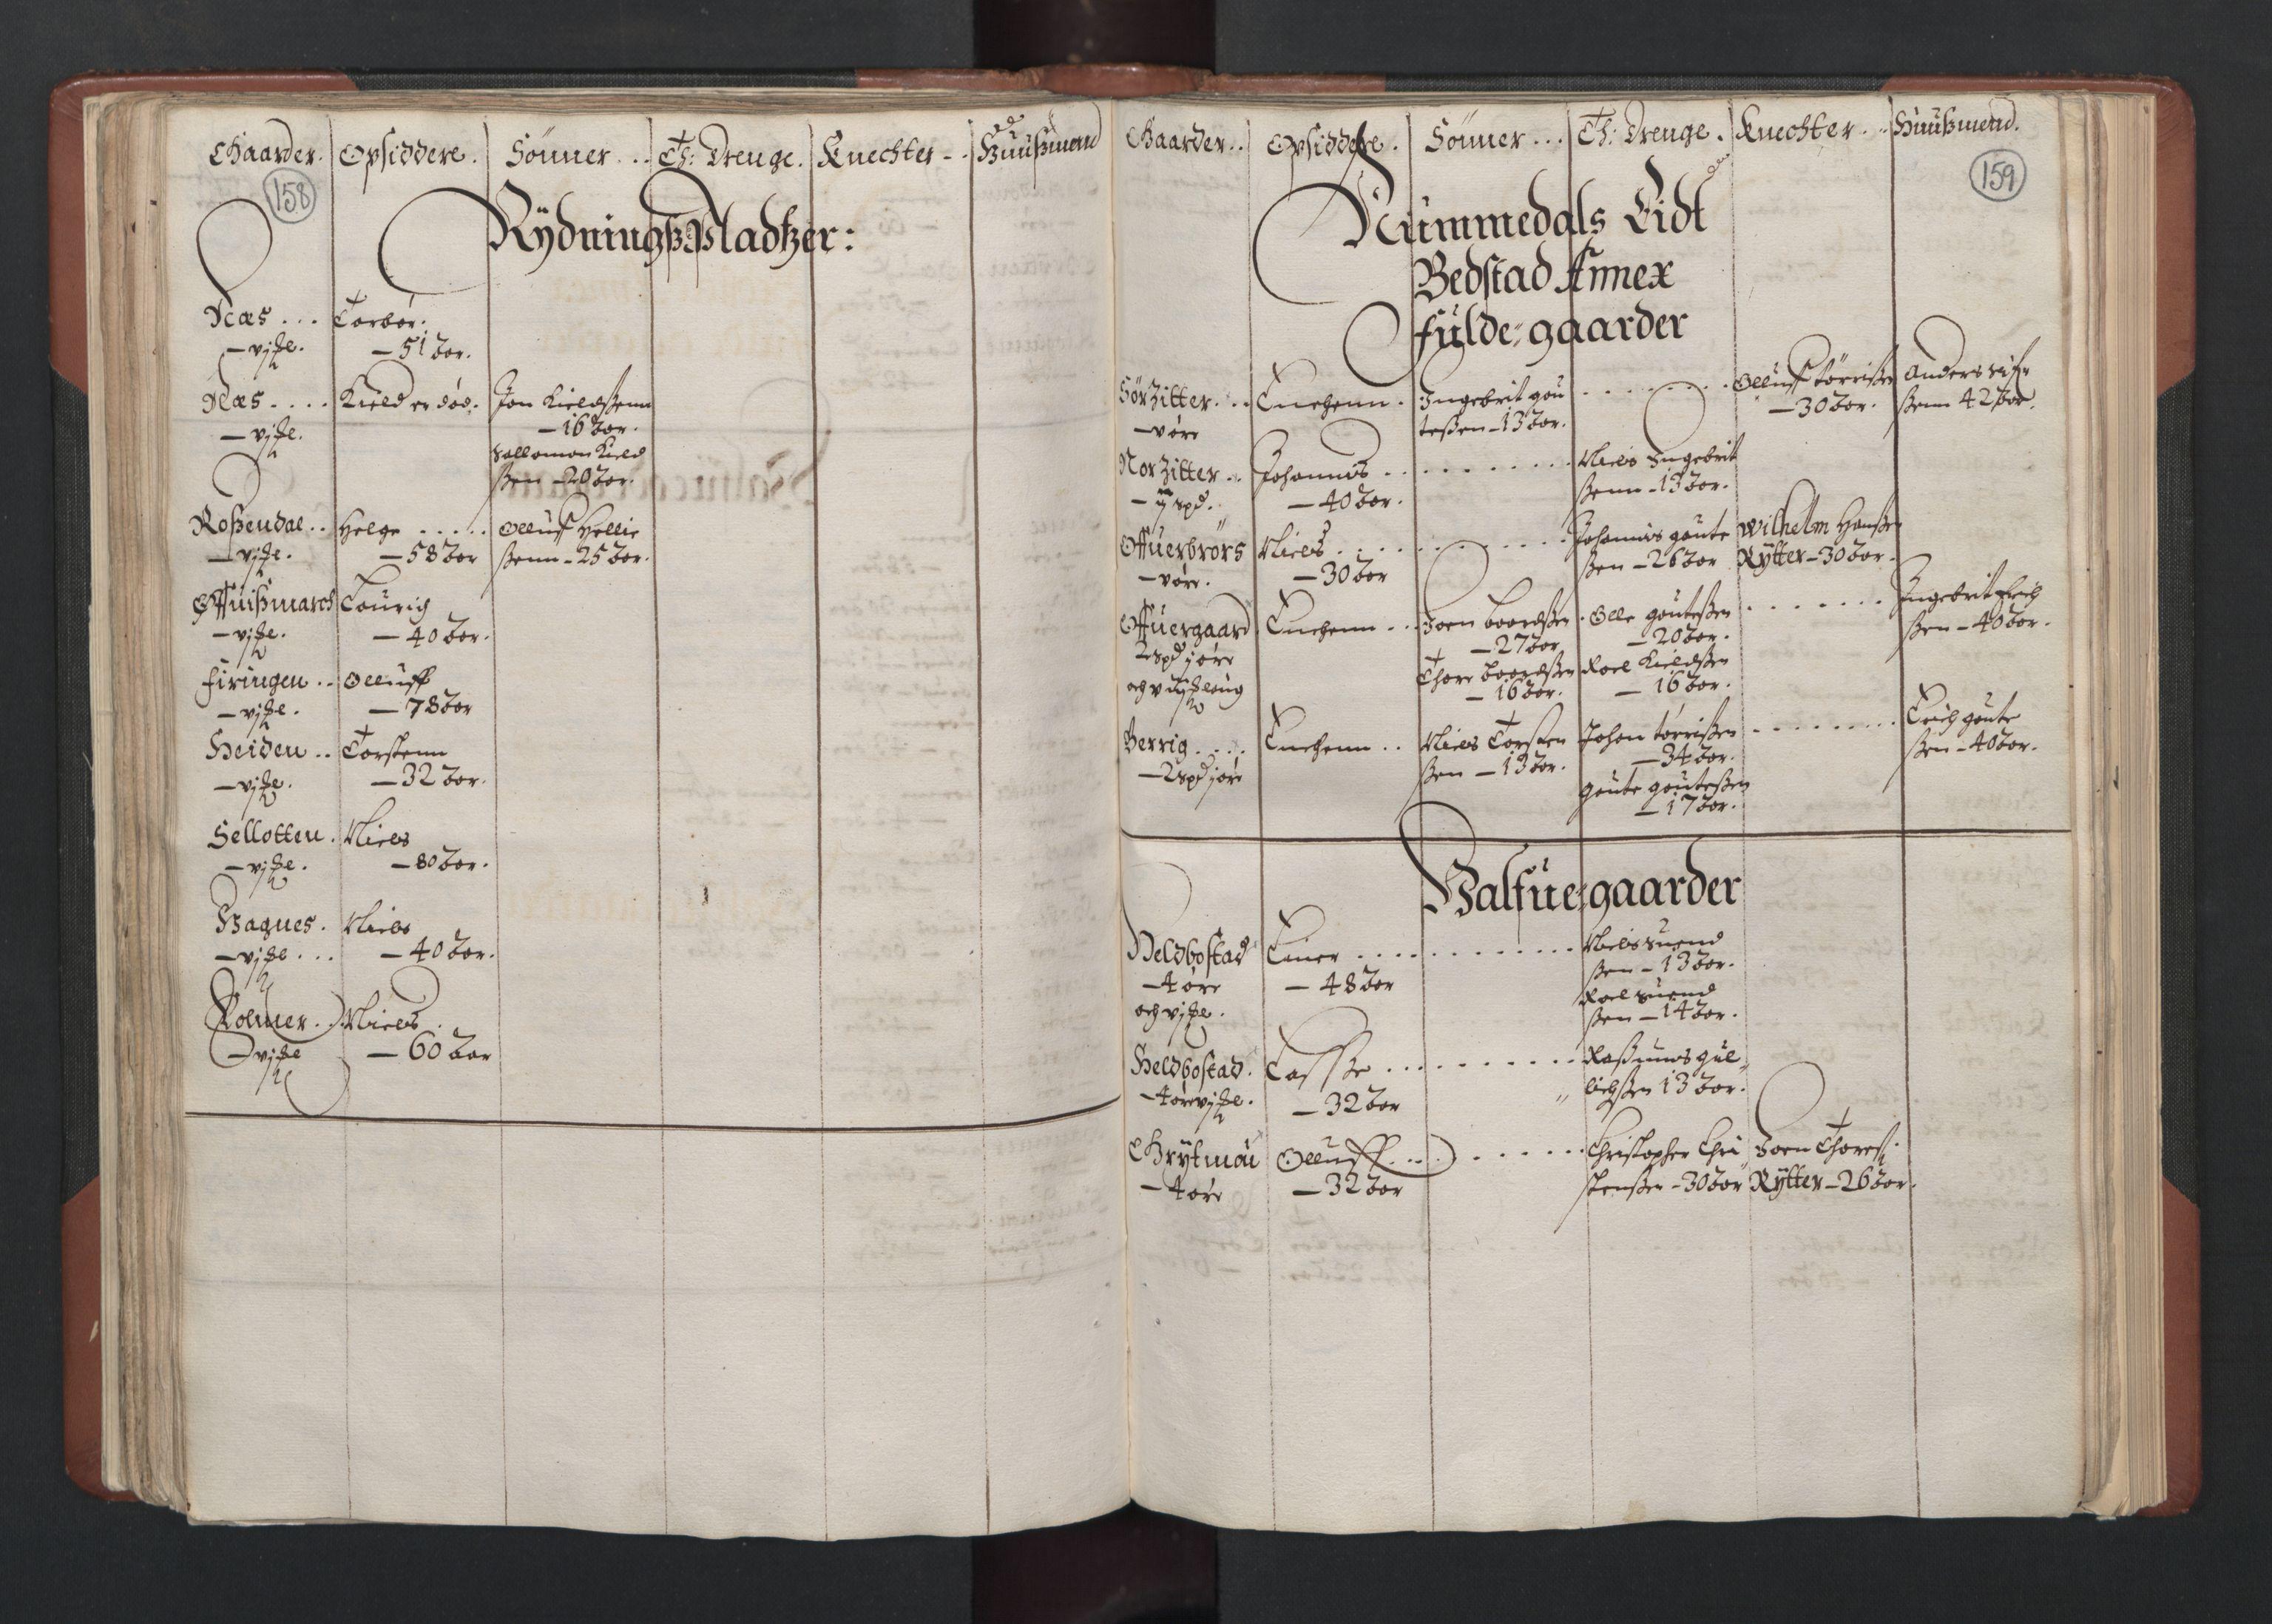 RA, Fogdenes og sorenskrivernes manntall 1664-1666, nr. 19: Fosen fogderi, Inderøy fogderi, Selbu fogderi, Namdal fogderi og Stjørdal fogderi, 1664-1665, s. 158-159